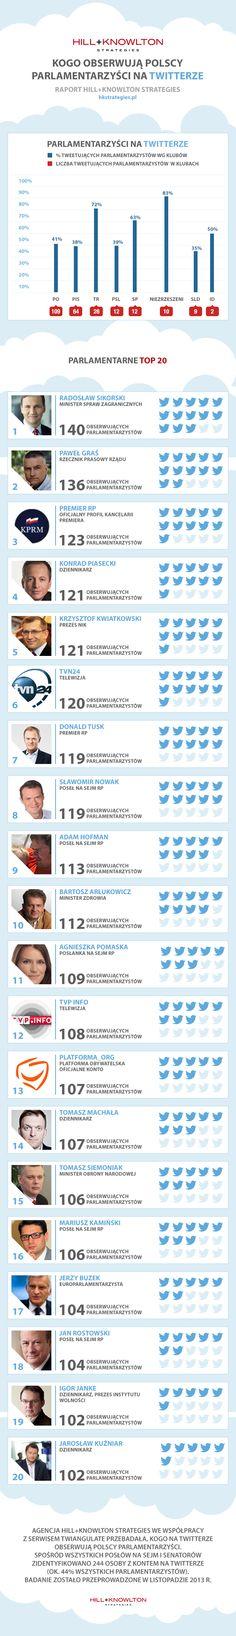 Najpopularniejsze konta na Twitterze obserwowane przez polskich parlamentarzystów: raport Hill+Knowlton Strategies : Hill+Knowlton Strategie...